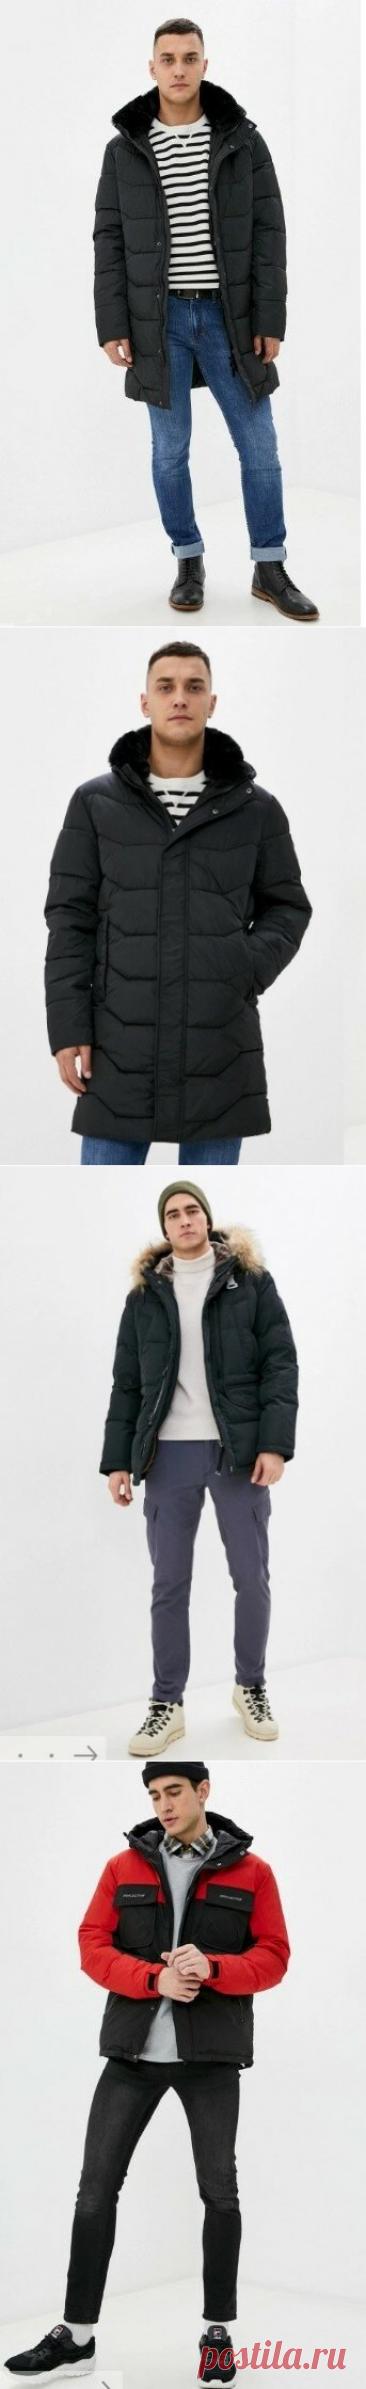 Стильные мужские образы из коллекции 2020 года  Мужчины не меньше, чем женщины интересуются модными новинками в одежде т обуви, заботятся о своем внешнем виде. Чтобы не замерзнуть в холодные дни, мужчинам … Читай дальше на сайте. Жми подробнее ➡